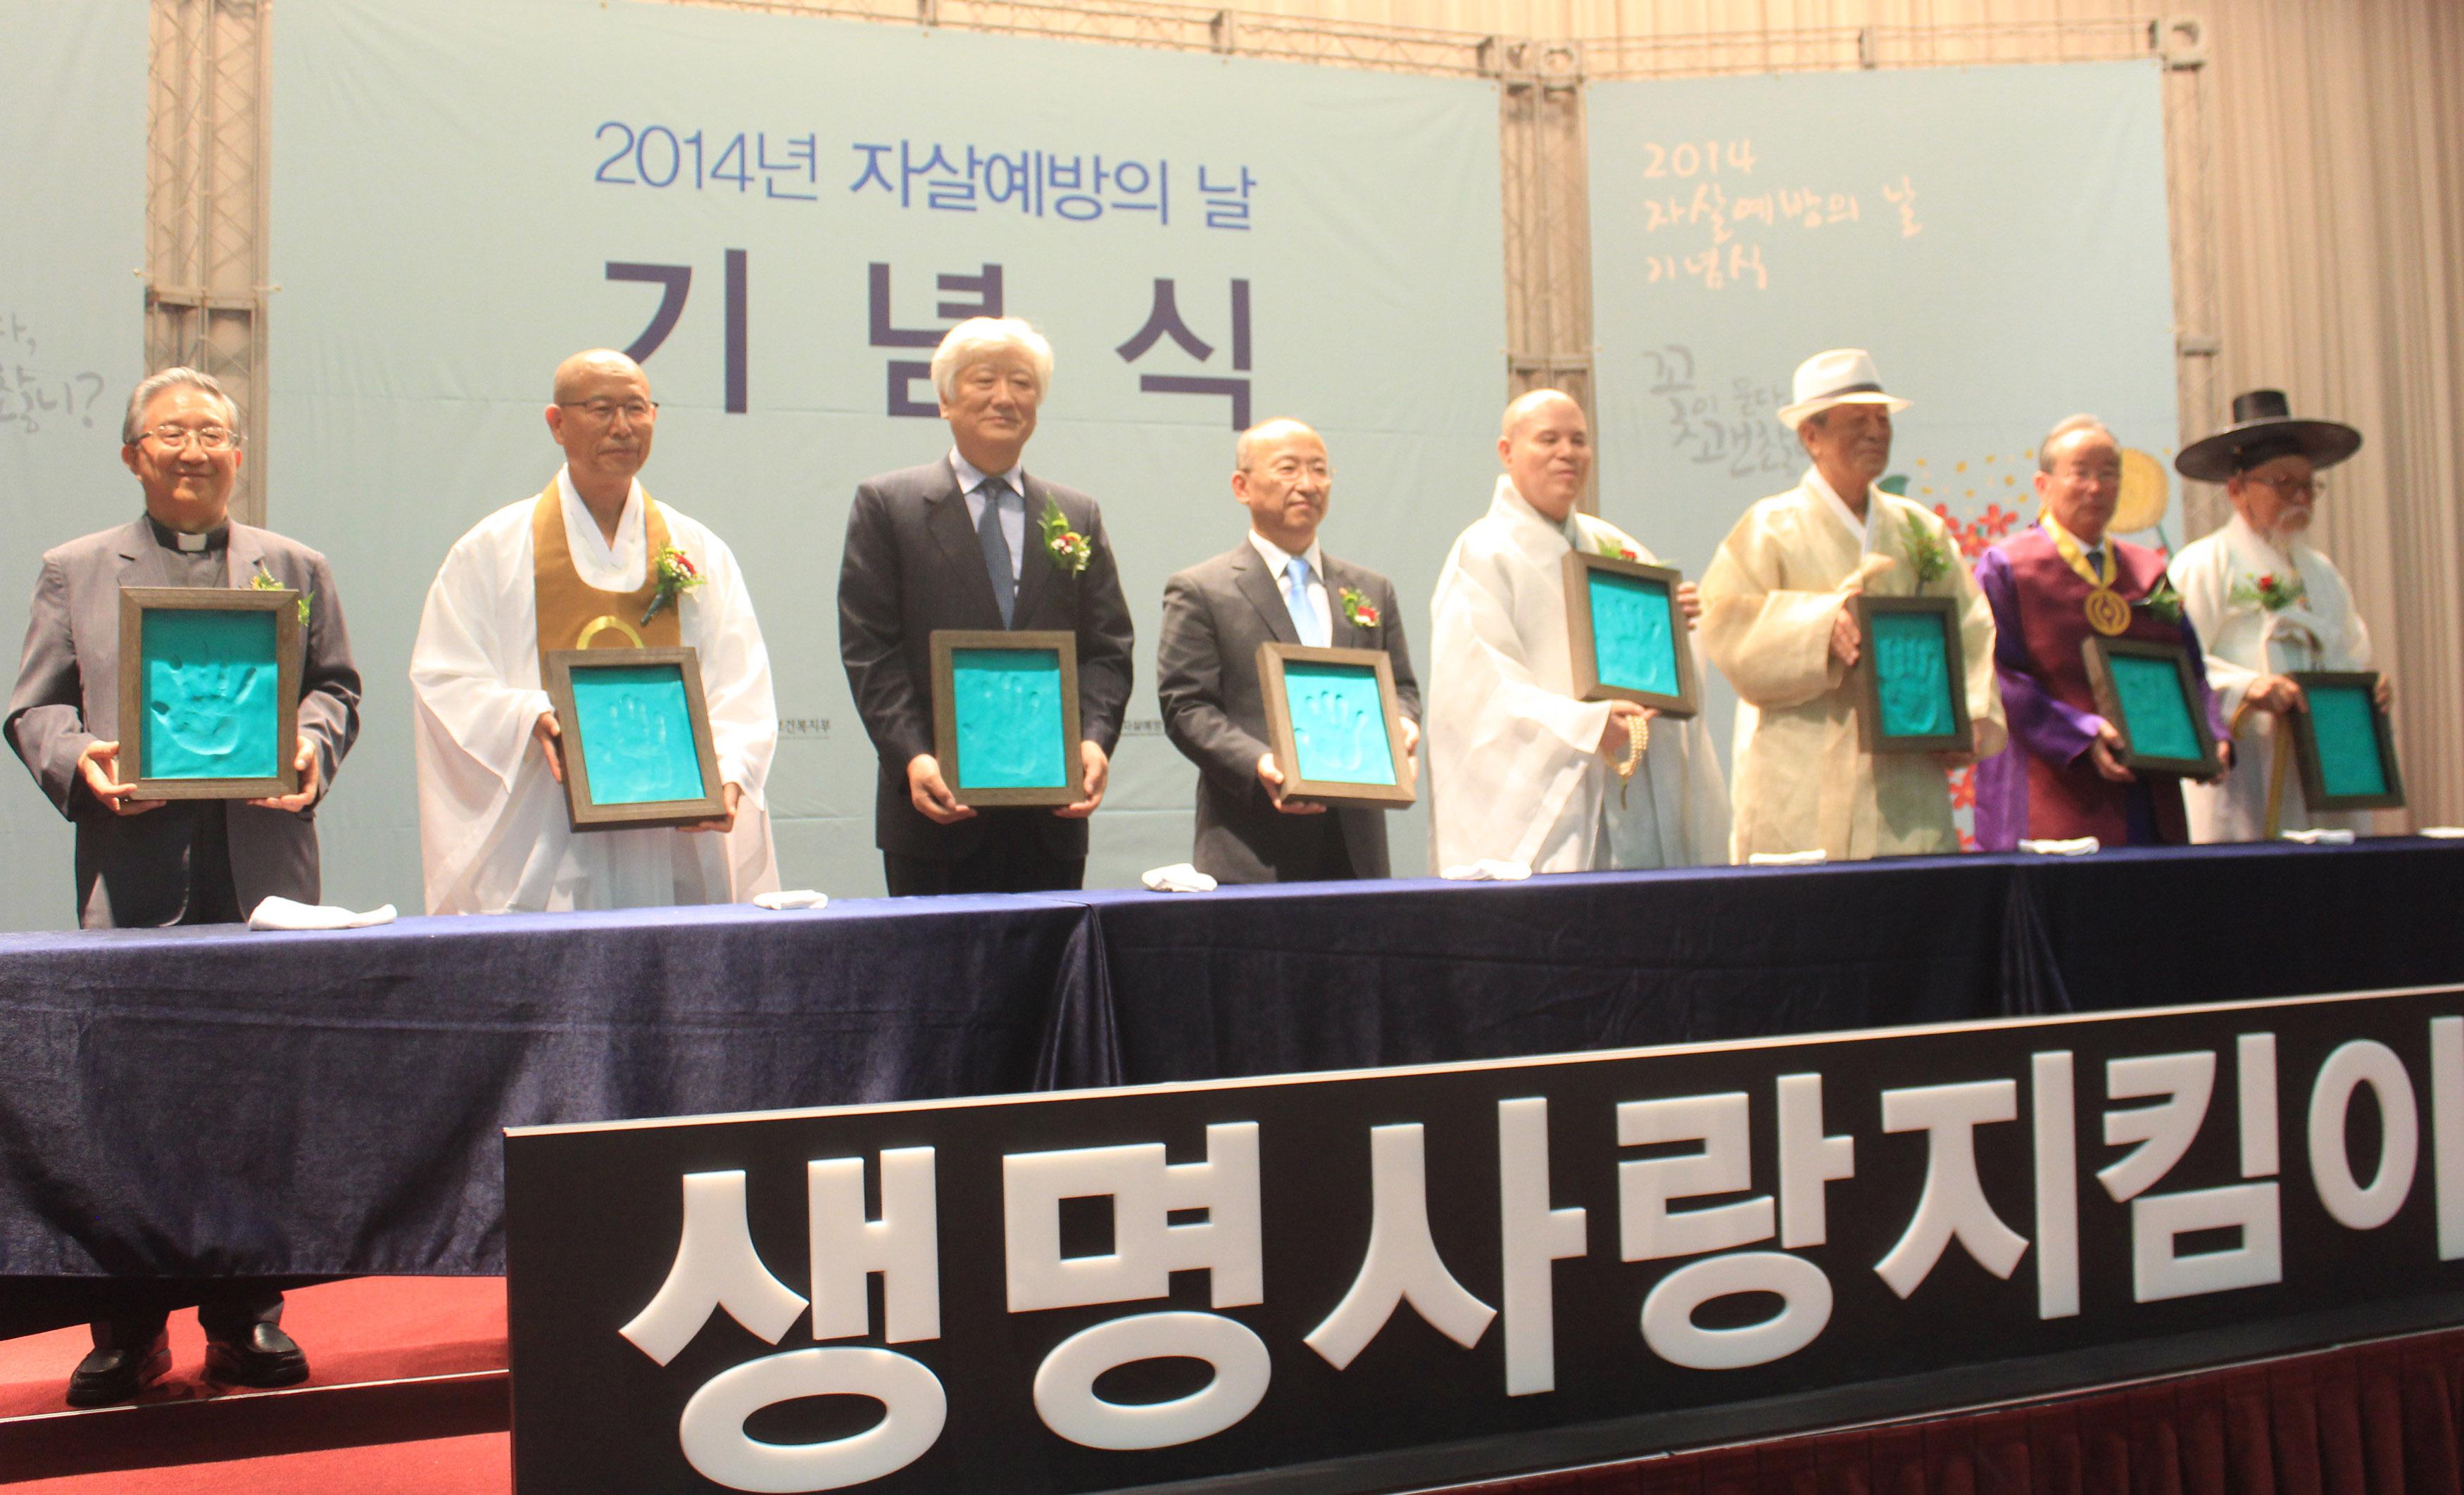 자살예방 종교인평화회의